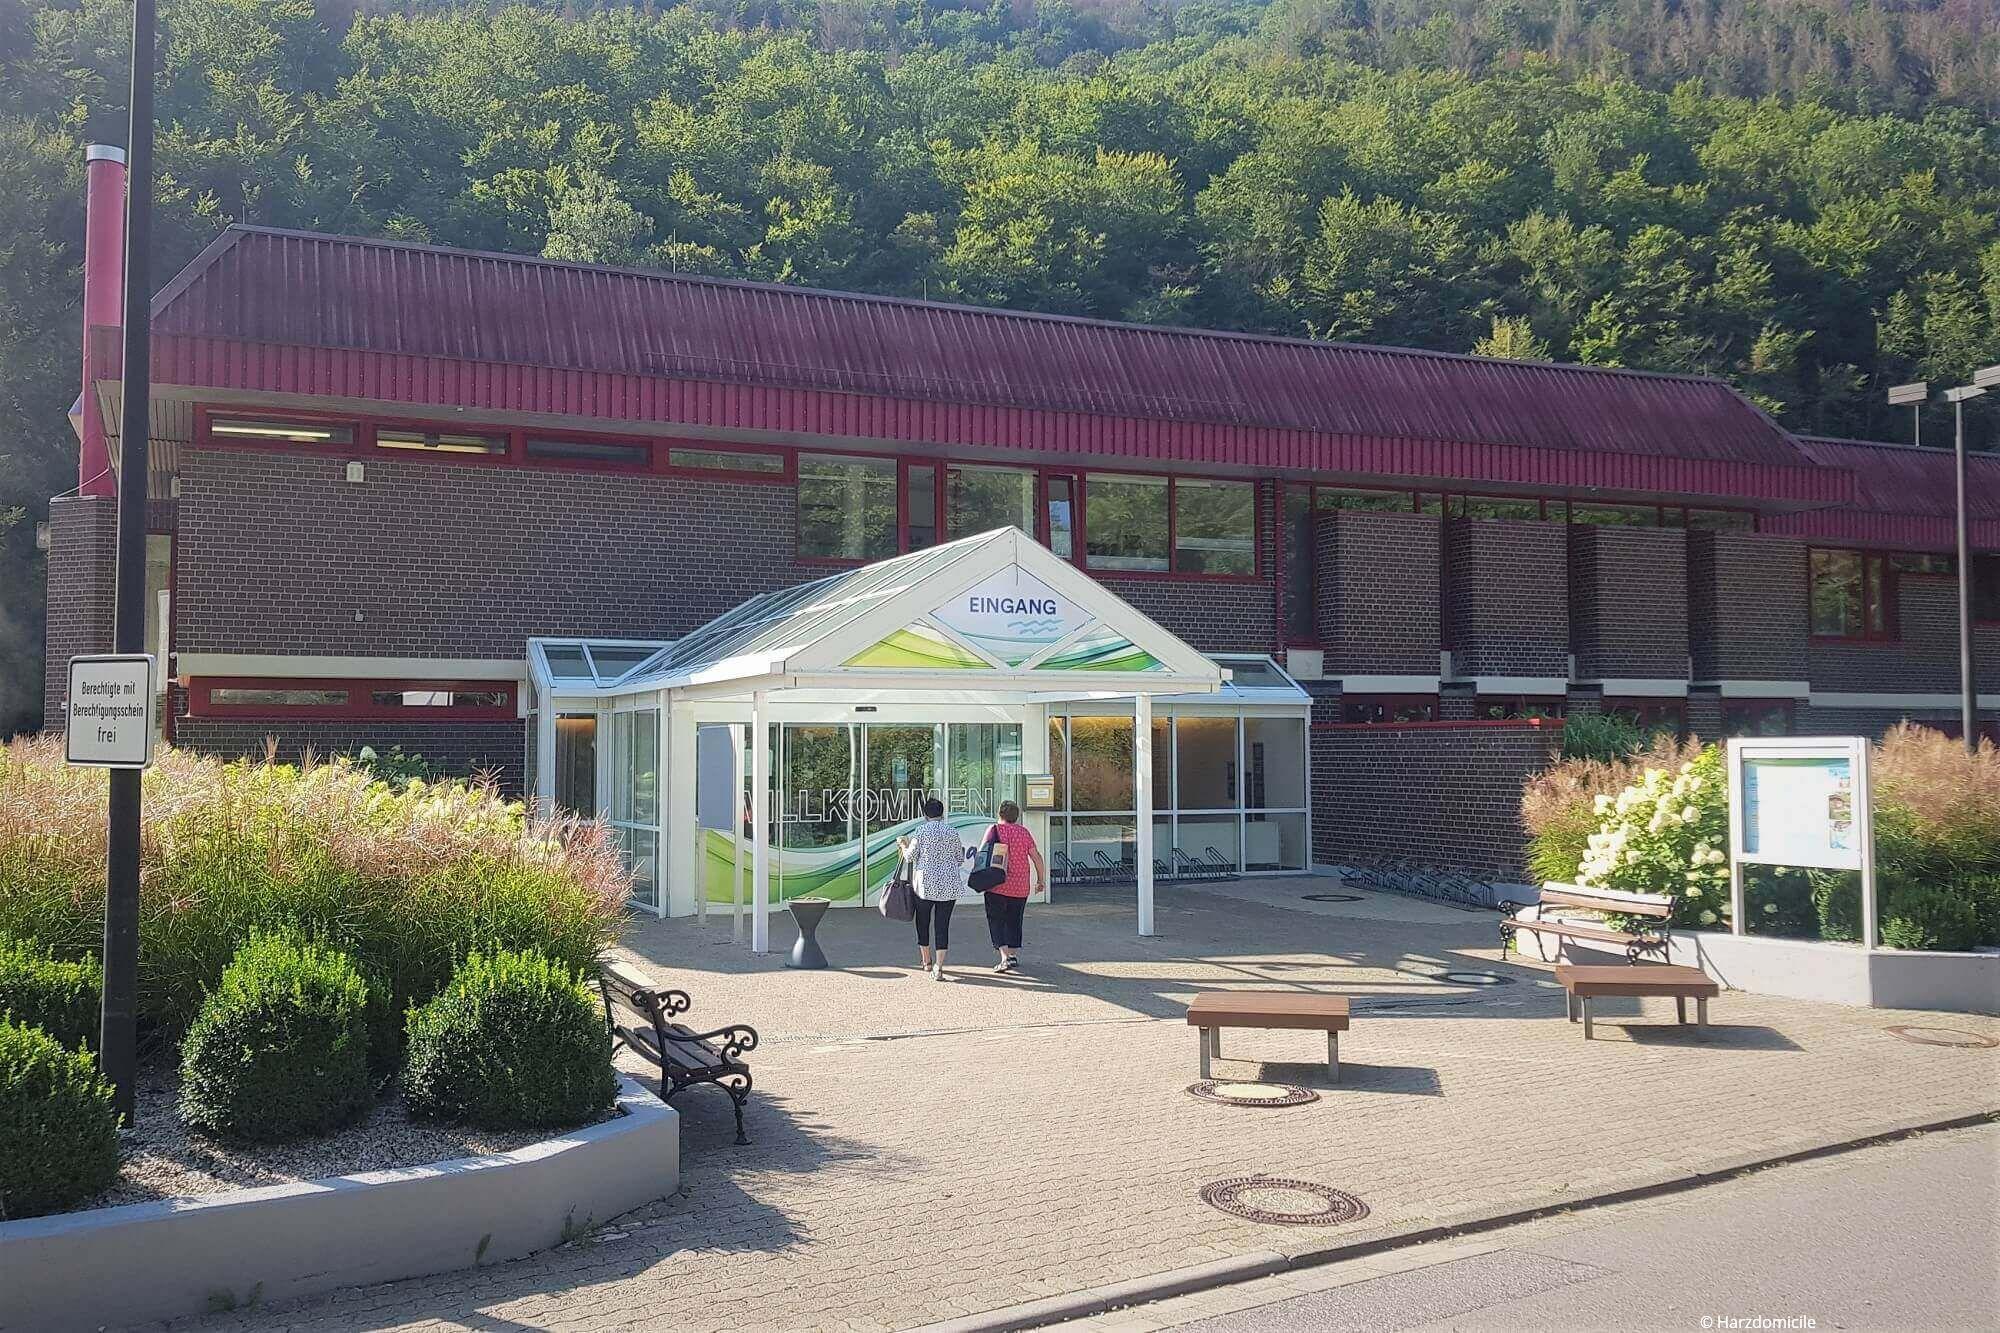 Außenansicht des Erlebnisbads Vitamar in Bad Lauterberg in der Straße Masttal 1.